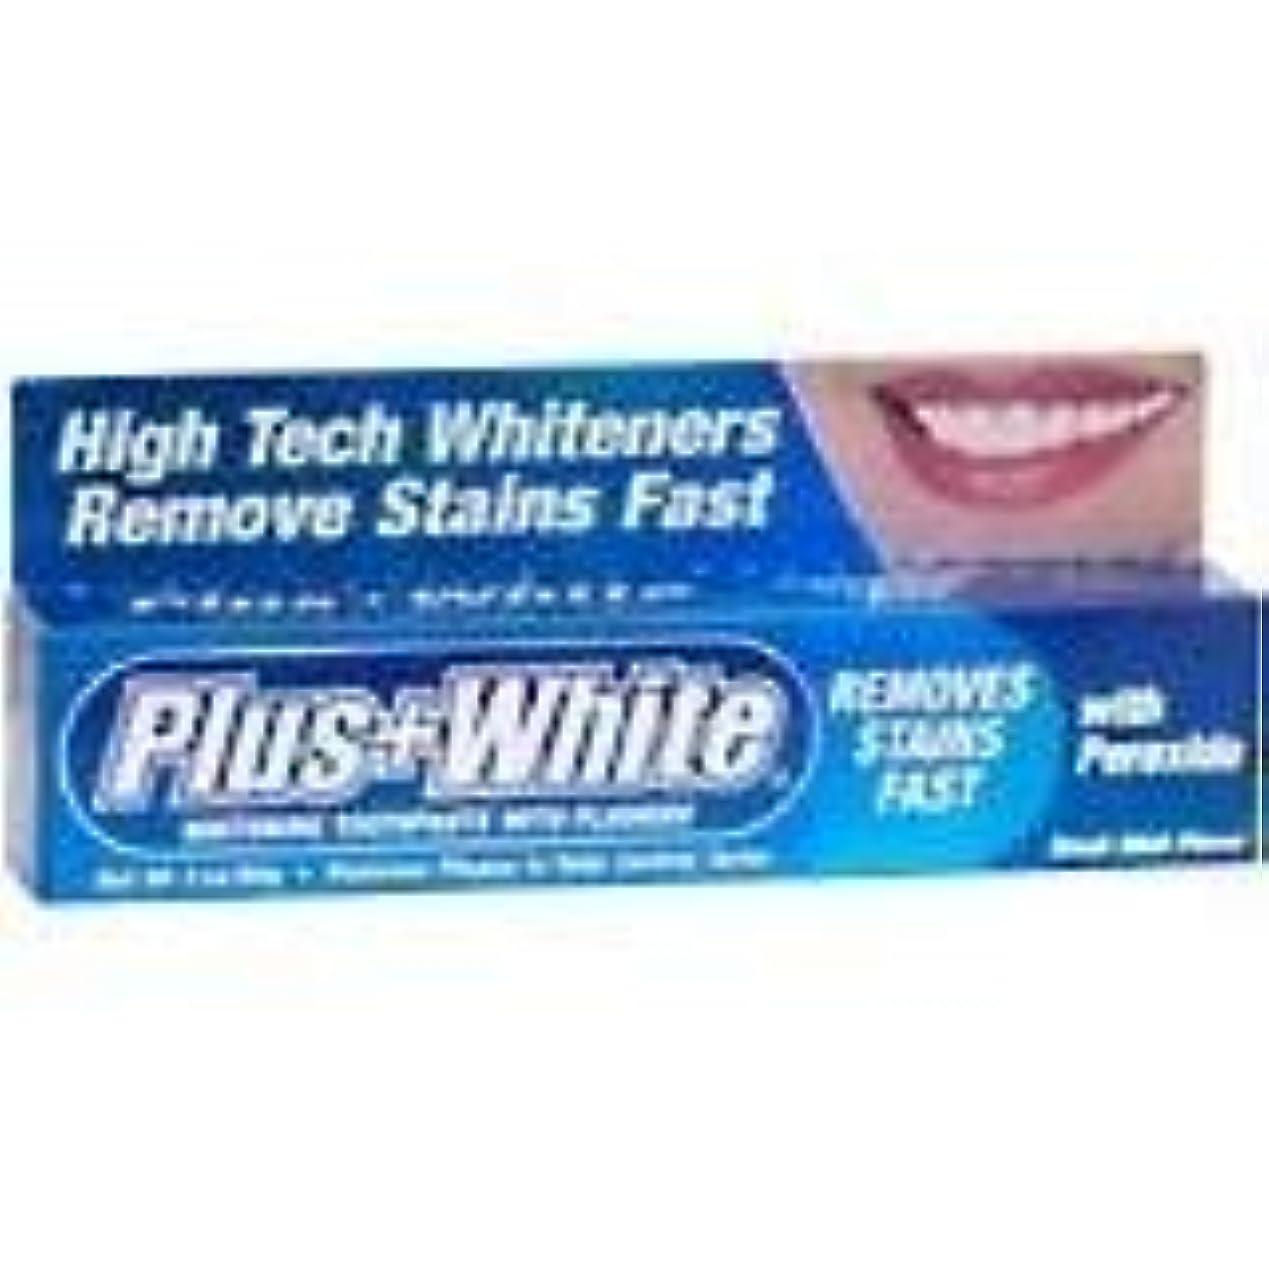 チチカカ湖バース落胆するPlus White 過酸化物とエクストラホワイトニング歯磨き(1パック)